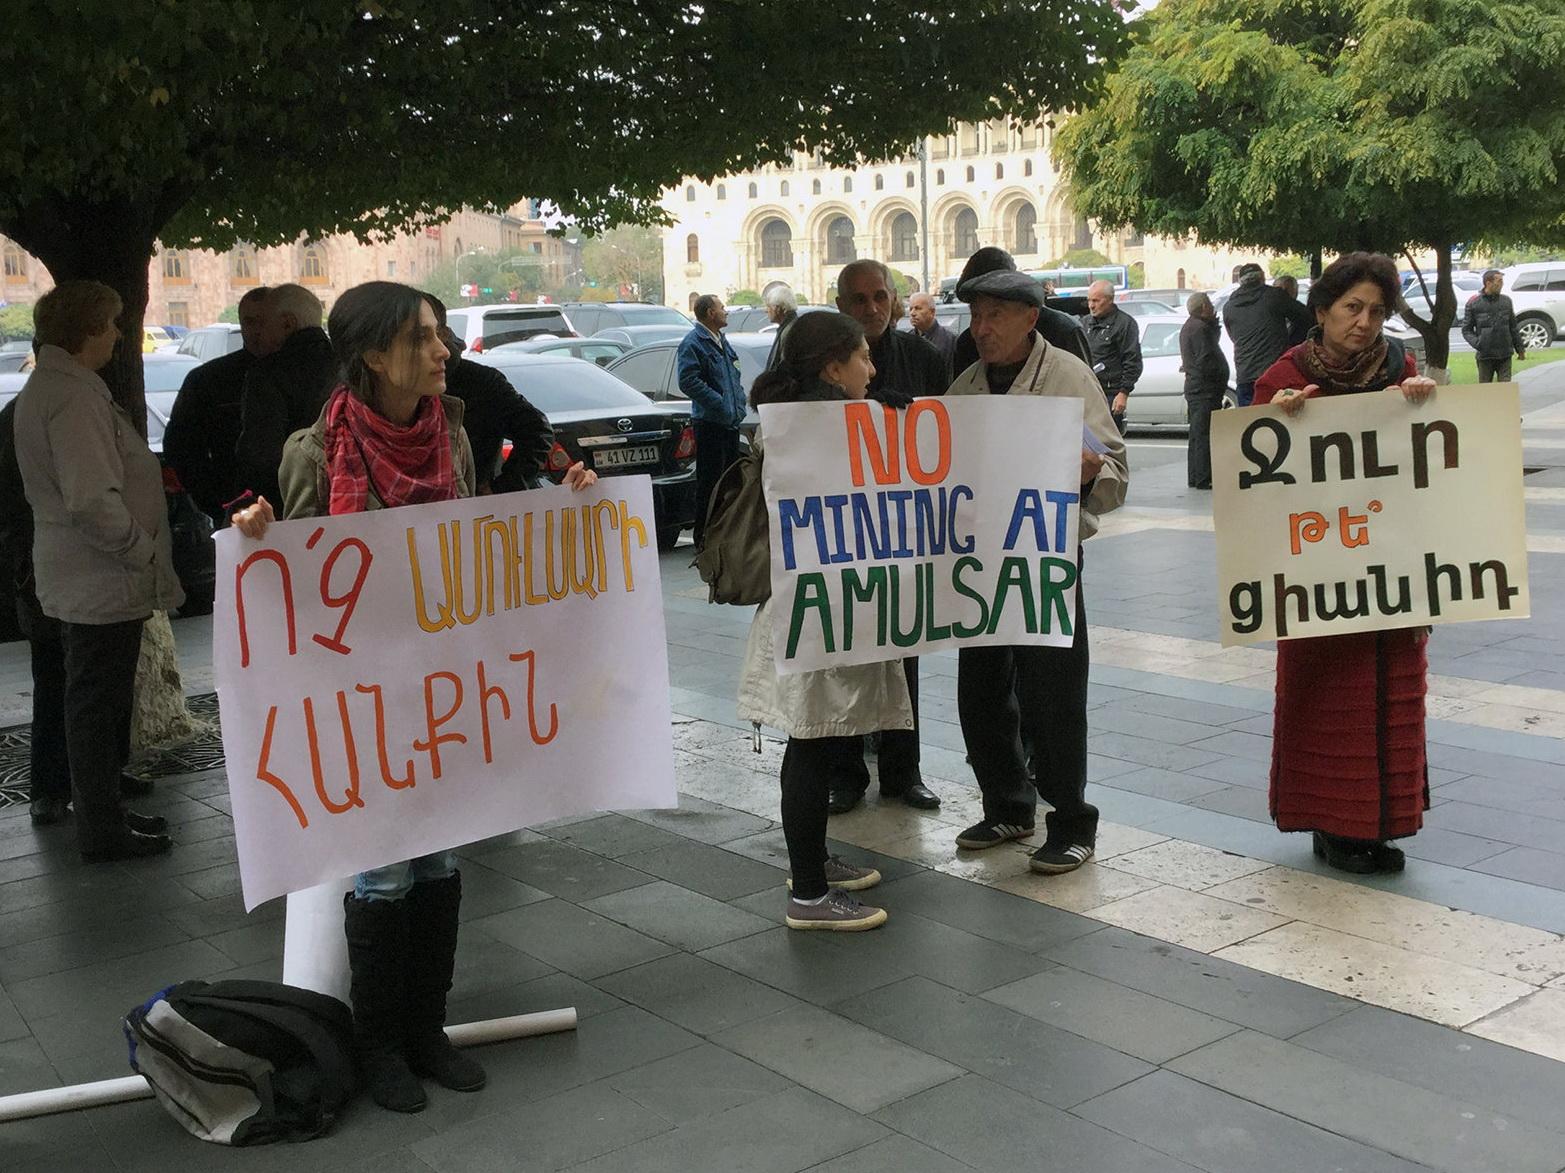 Неопределенность вокруг золотодобывающего проекта Амулсар привела к сокращению инвестиций в Армению – ФОТО